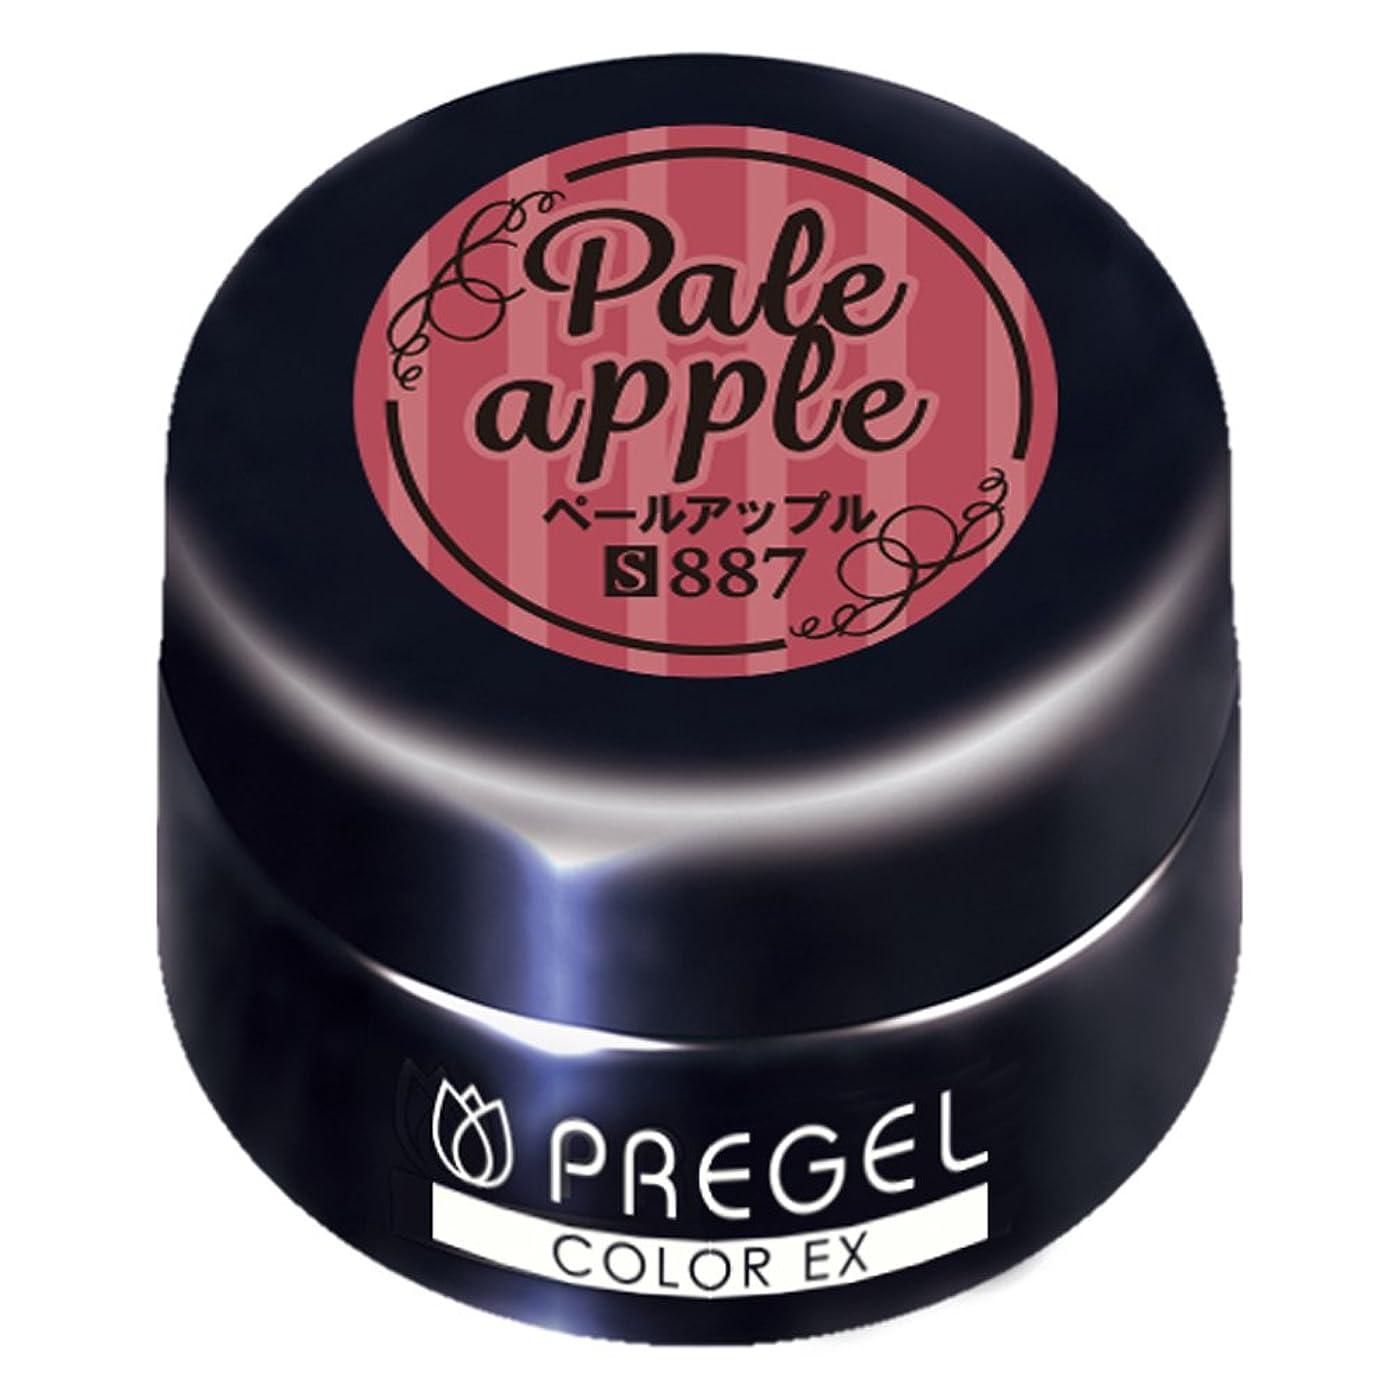 心理学とは異なり香りPRE GEL カラージェル カラーEX ペールアップル 3g PG-CE887 UV/LED対応タイオウ